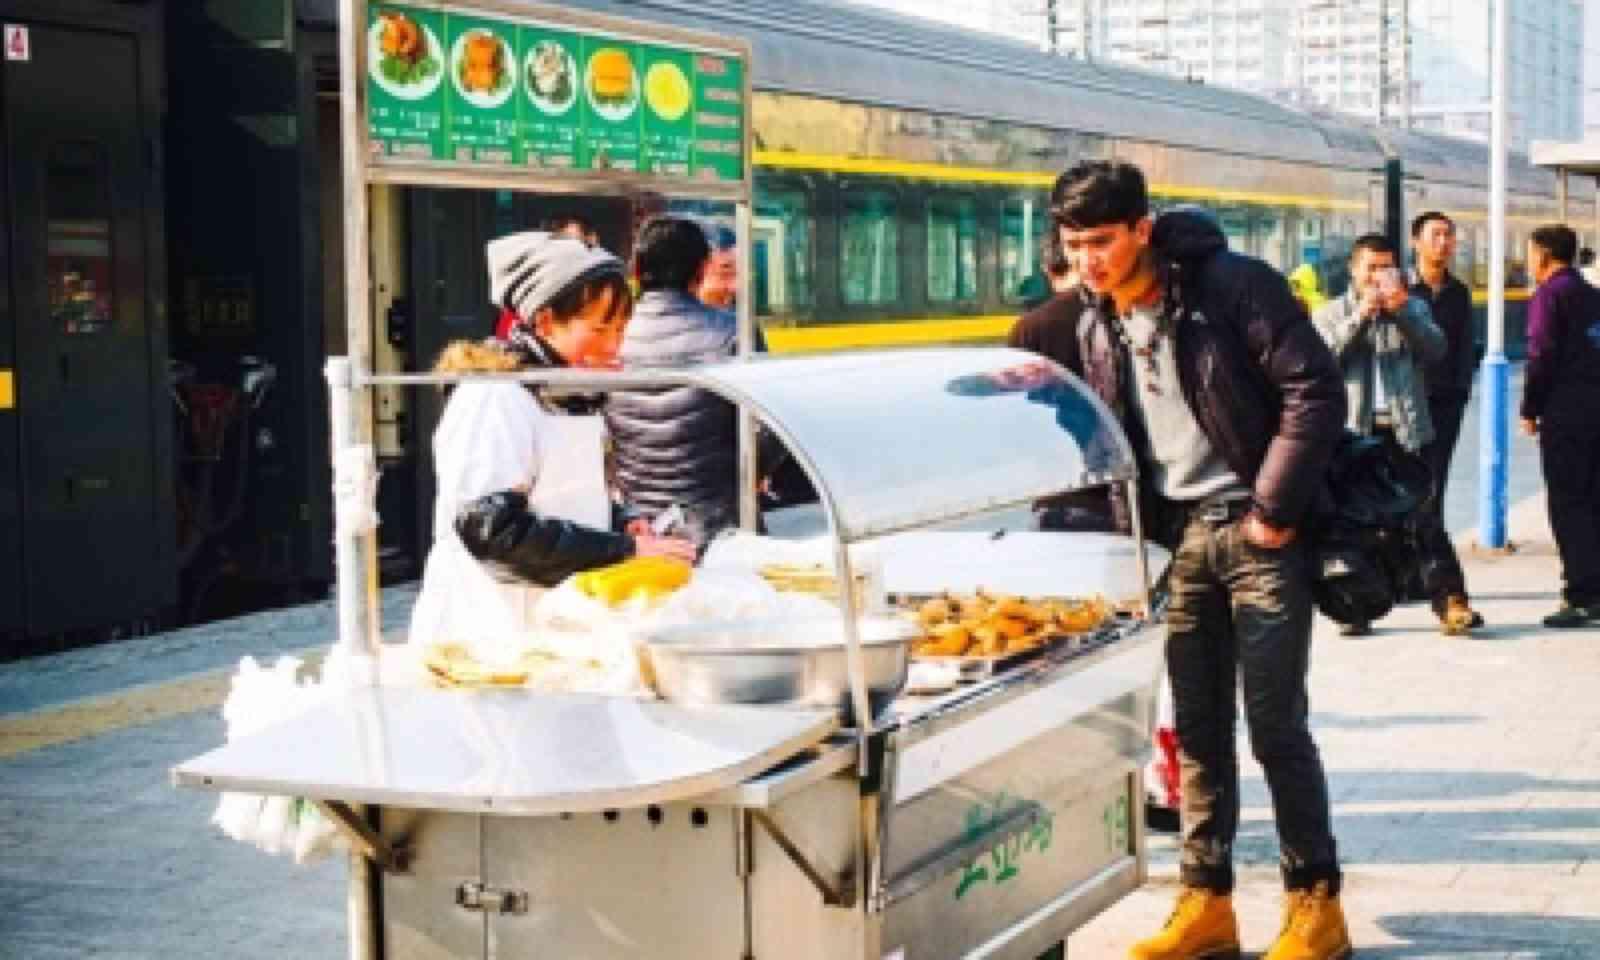 Food for sale in Zhongwei (Matthew Woodward)